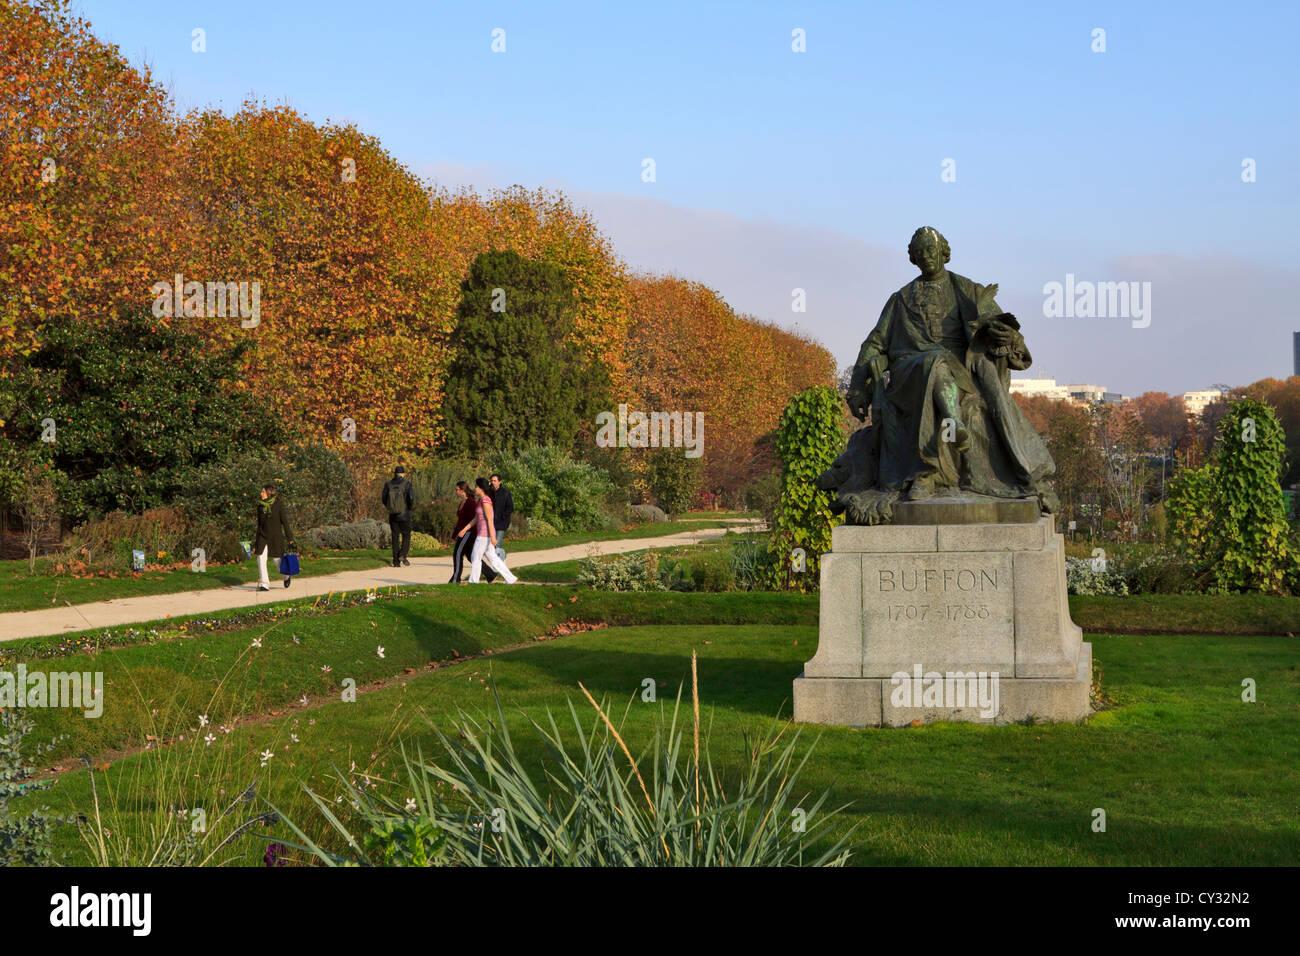 Statue of comte de buffon at the jardin des plantes paris for Jardin des plante